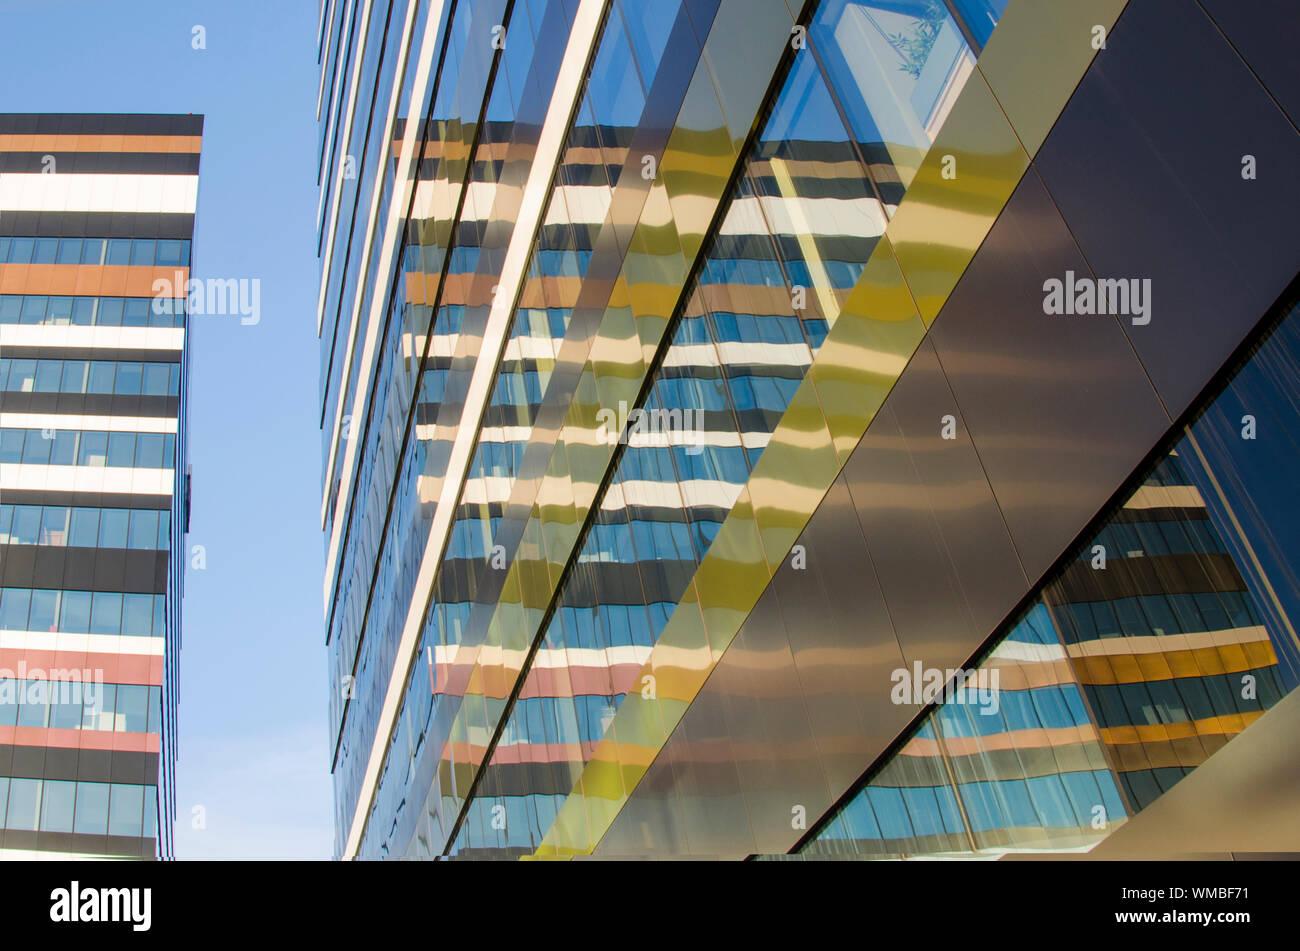 Moderna fachada de los edificios con líneas, colores y modelo reflejado en una pared de vidrio contra el cielo azul Foto de stock